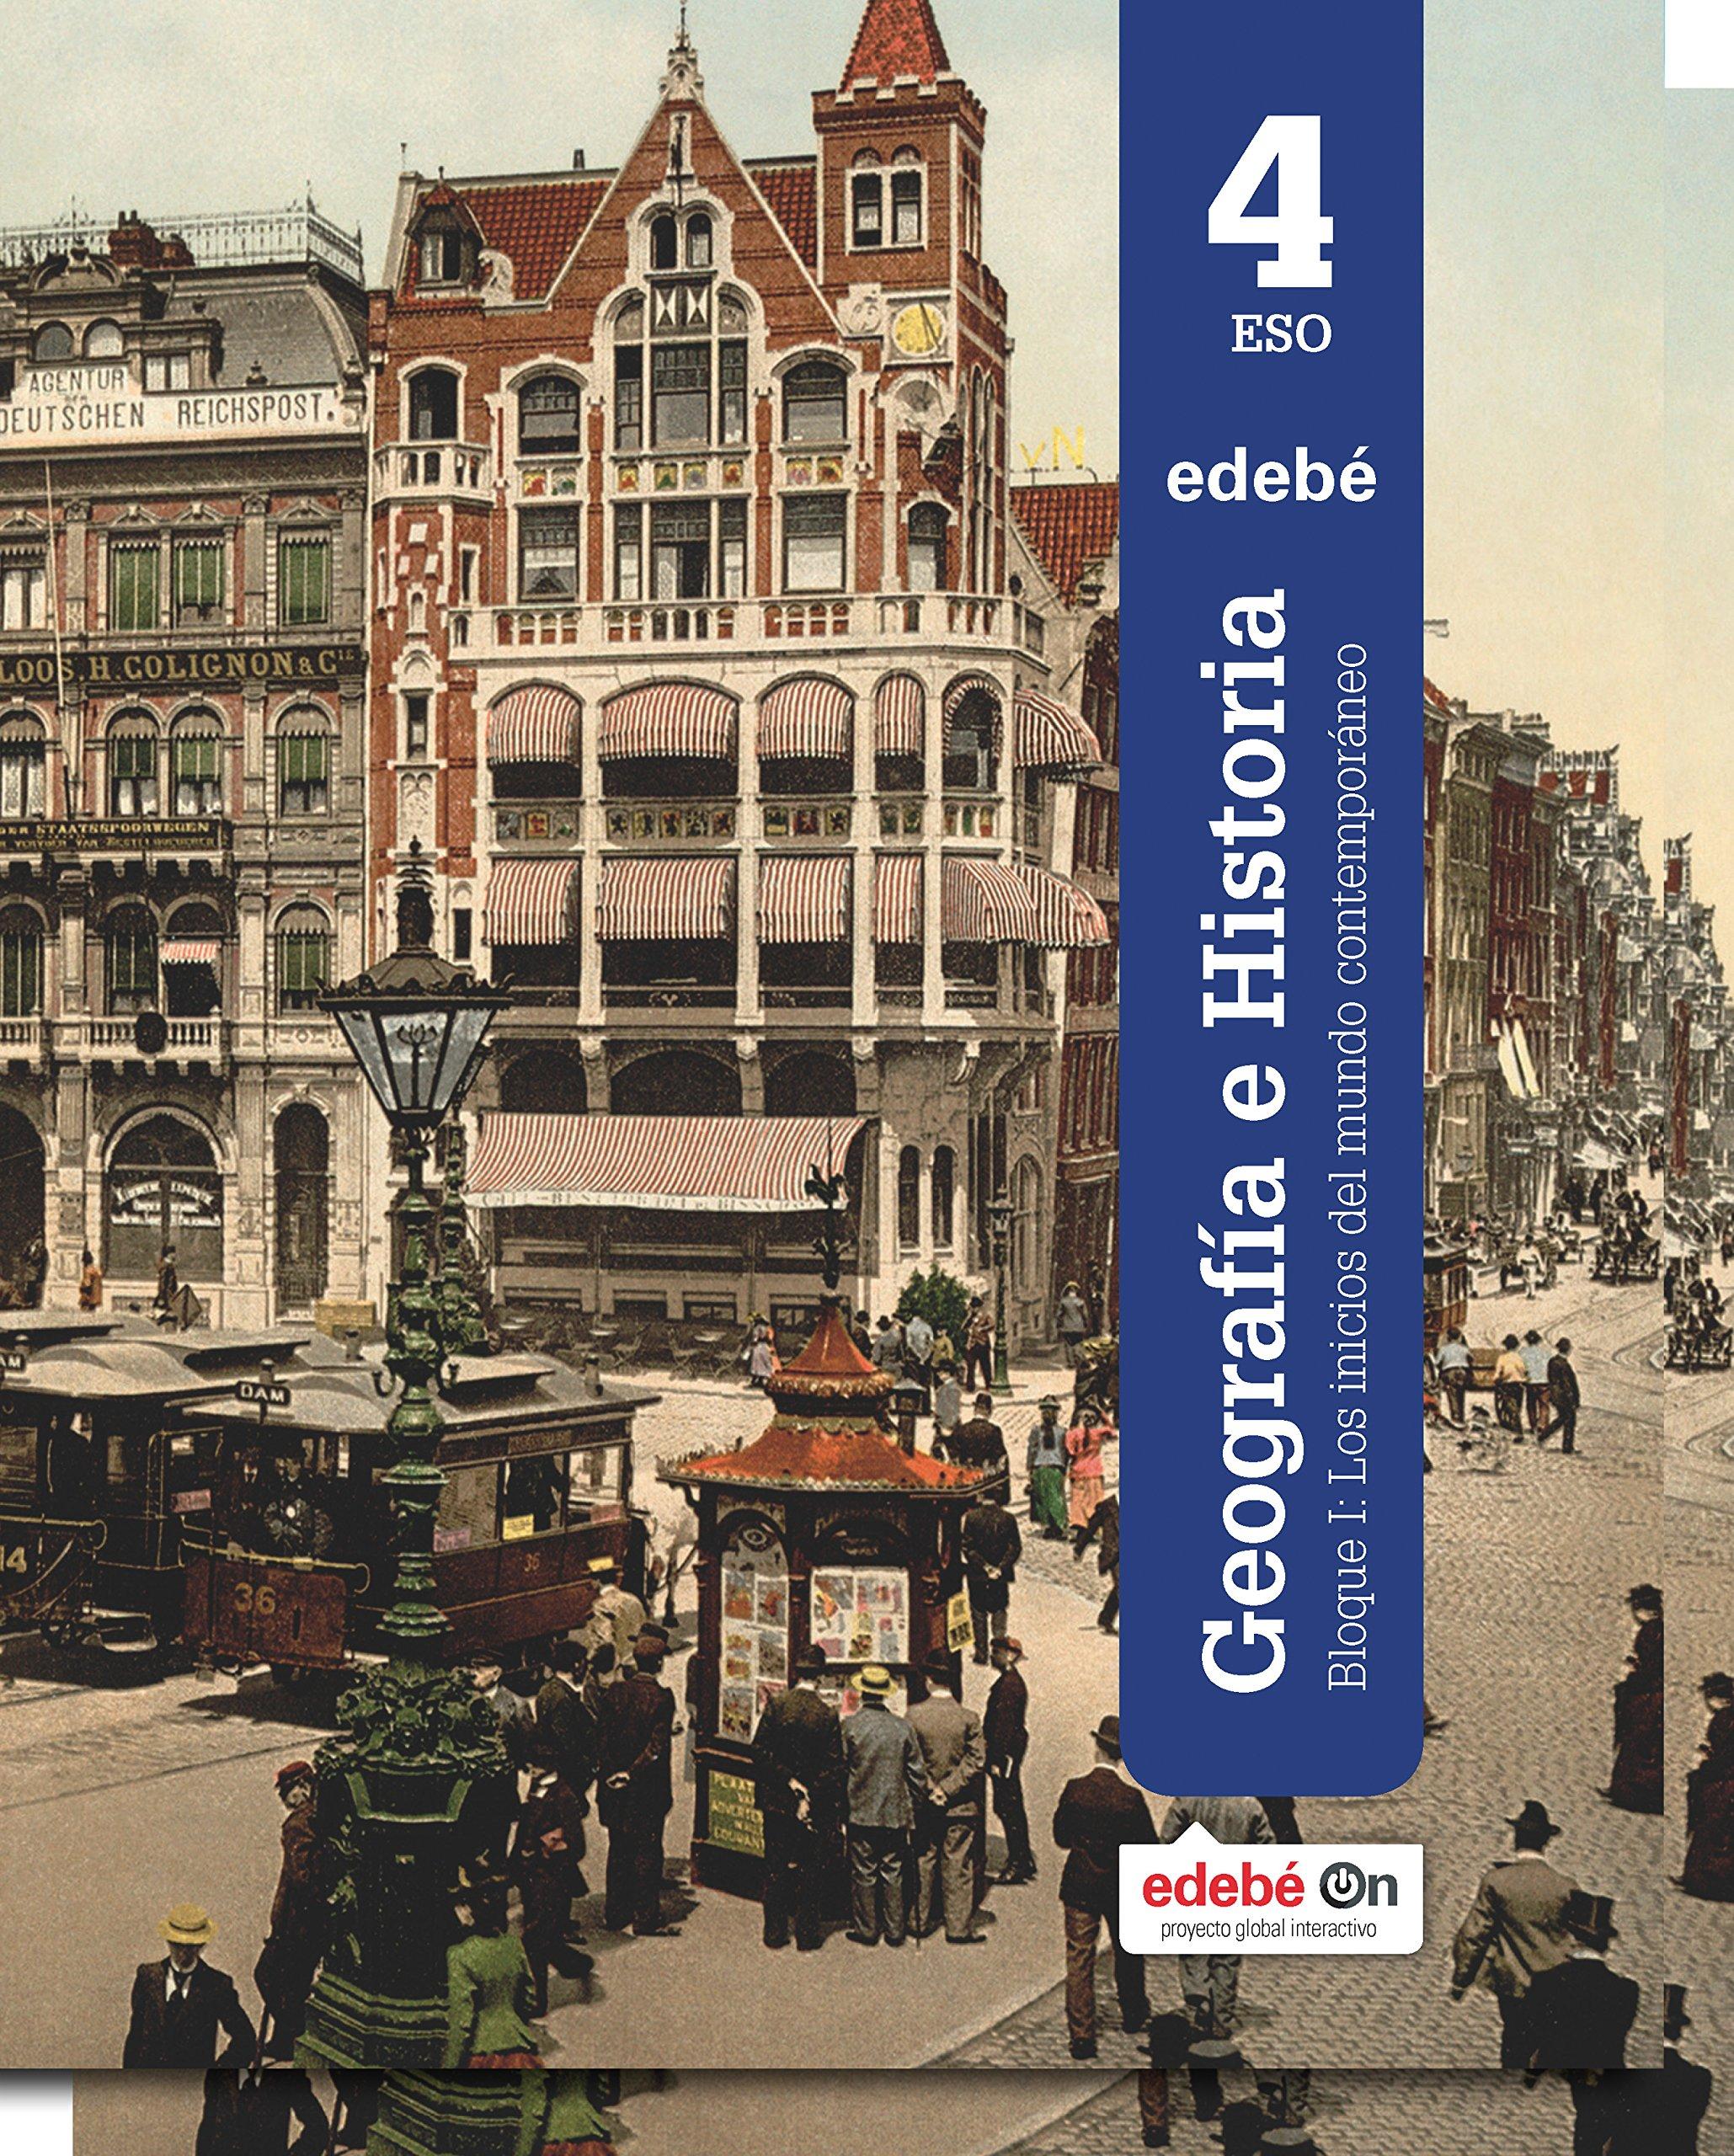 GEOGRAFÍA E HISTORIA 4 - 9788468316925: Amazon.es: Edebé, Obra Colectiva: Libros